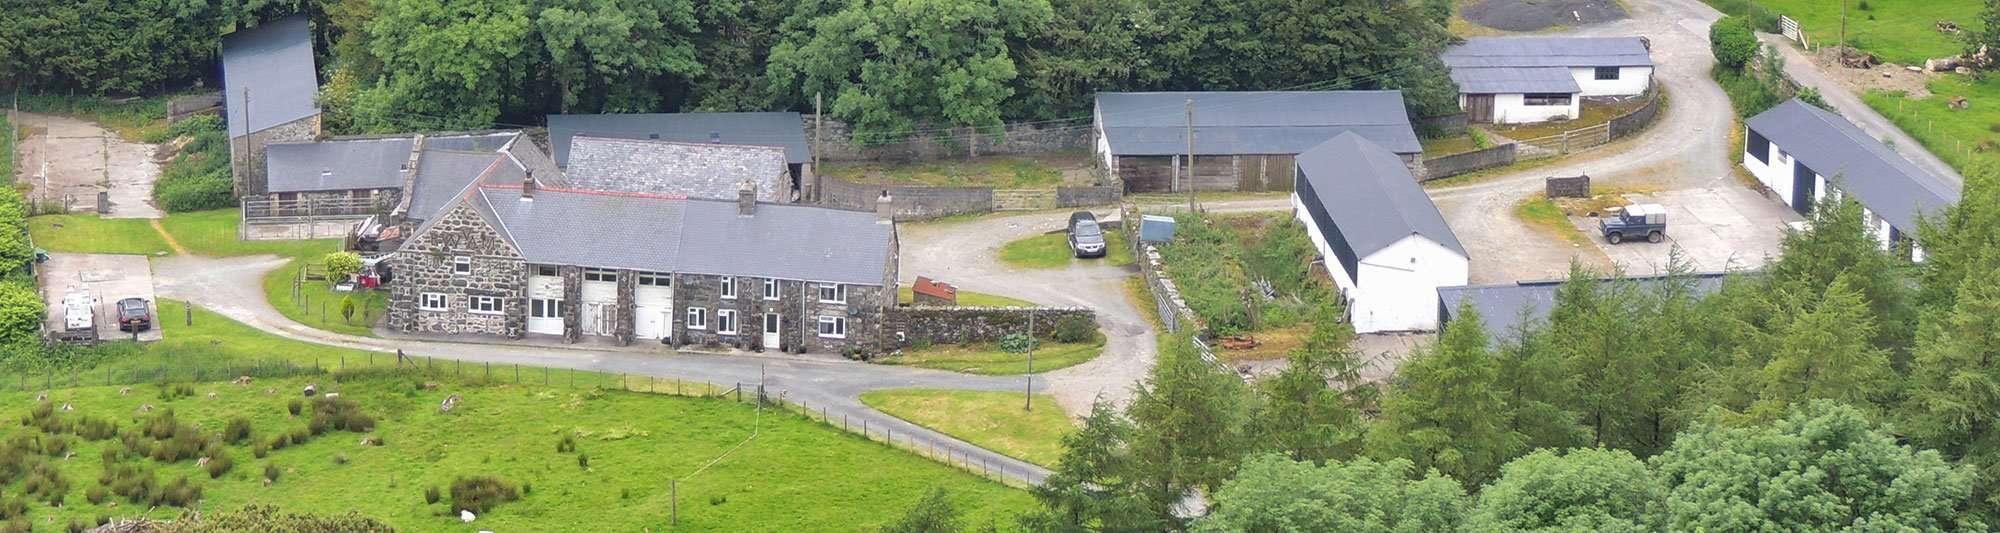 Nannau Home Farm in 2014